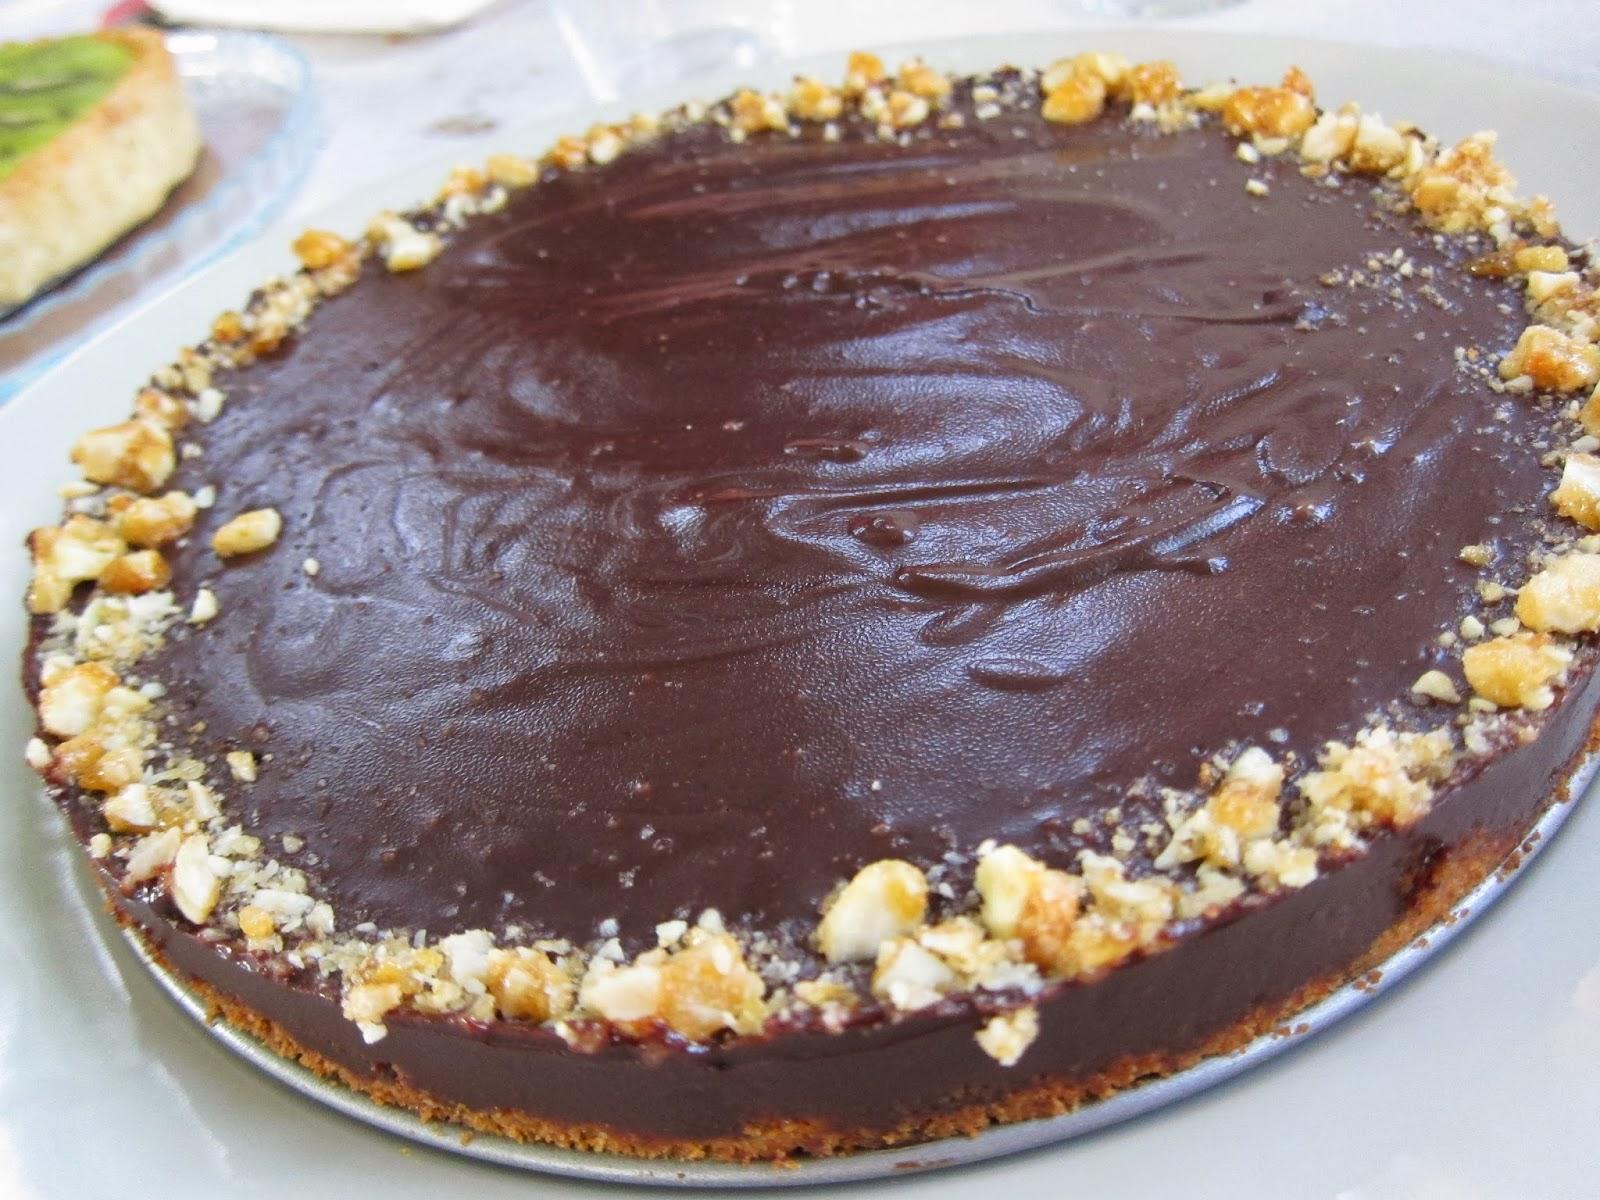 ... year round treat everyone will love, Chocolate Honey Almond Tart